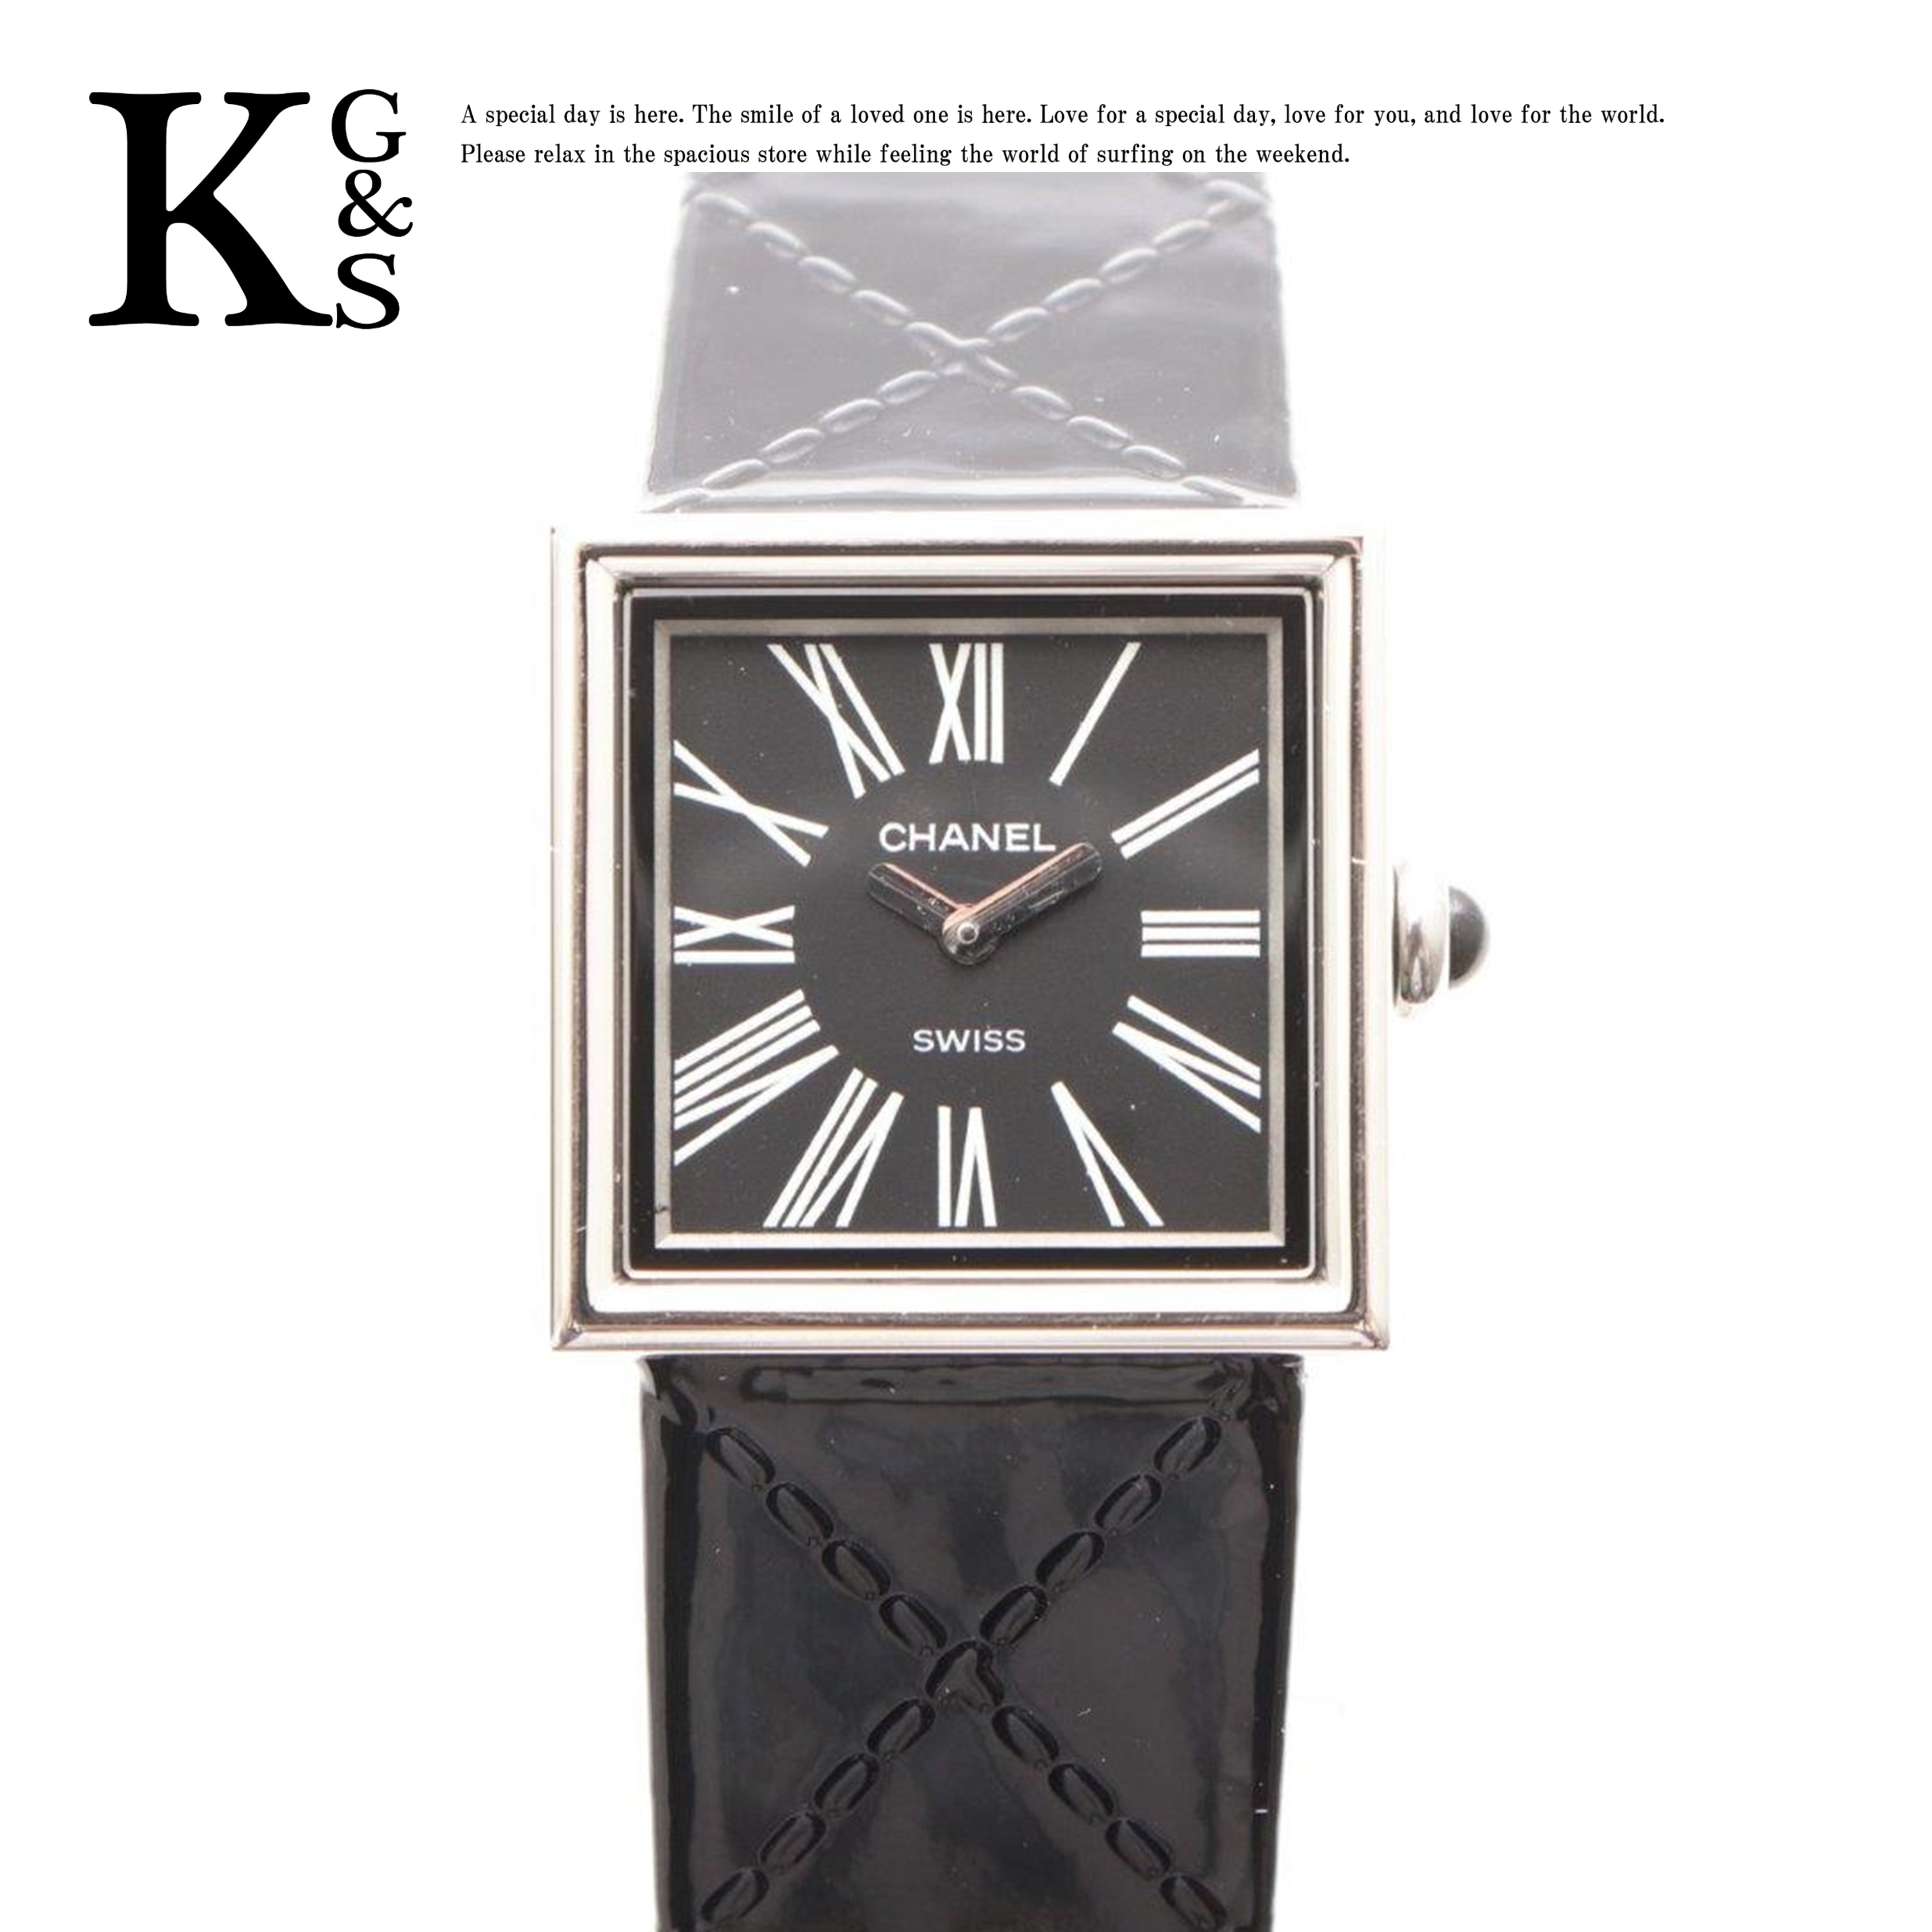 【ギフト品質】シャネル/CHANEL レディース マドモアゼル 腕時計 シルバー×ブラック文字盤 SS×レザーベルト H0820 クオーツ